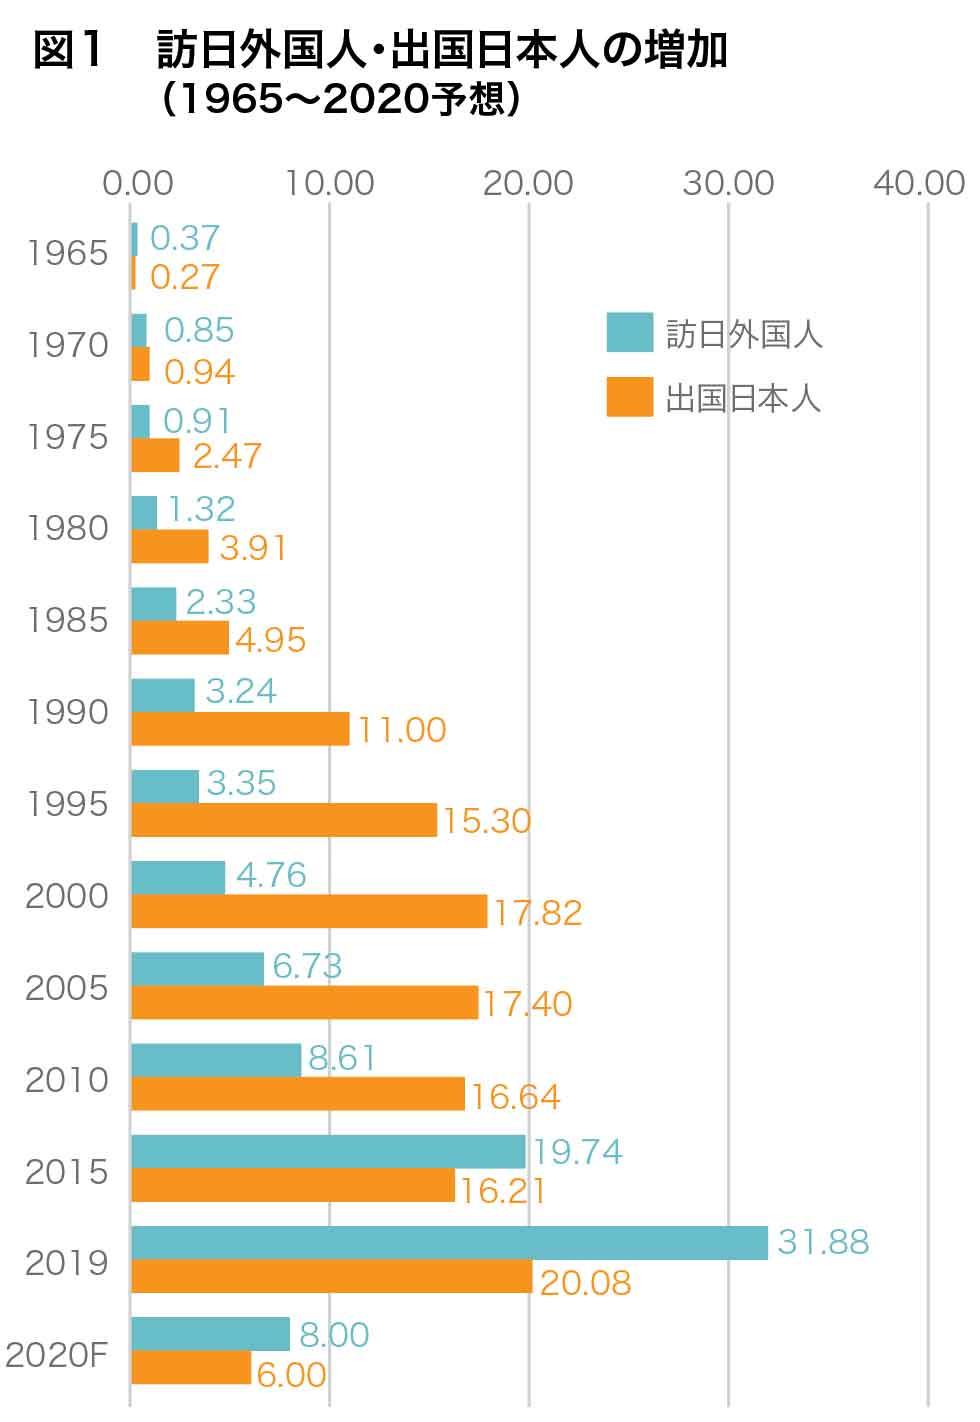 図1:訪日外国人・出国日本人の増加(1965~2020予想)